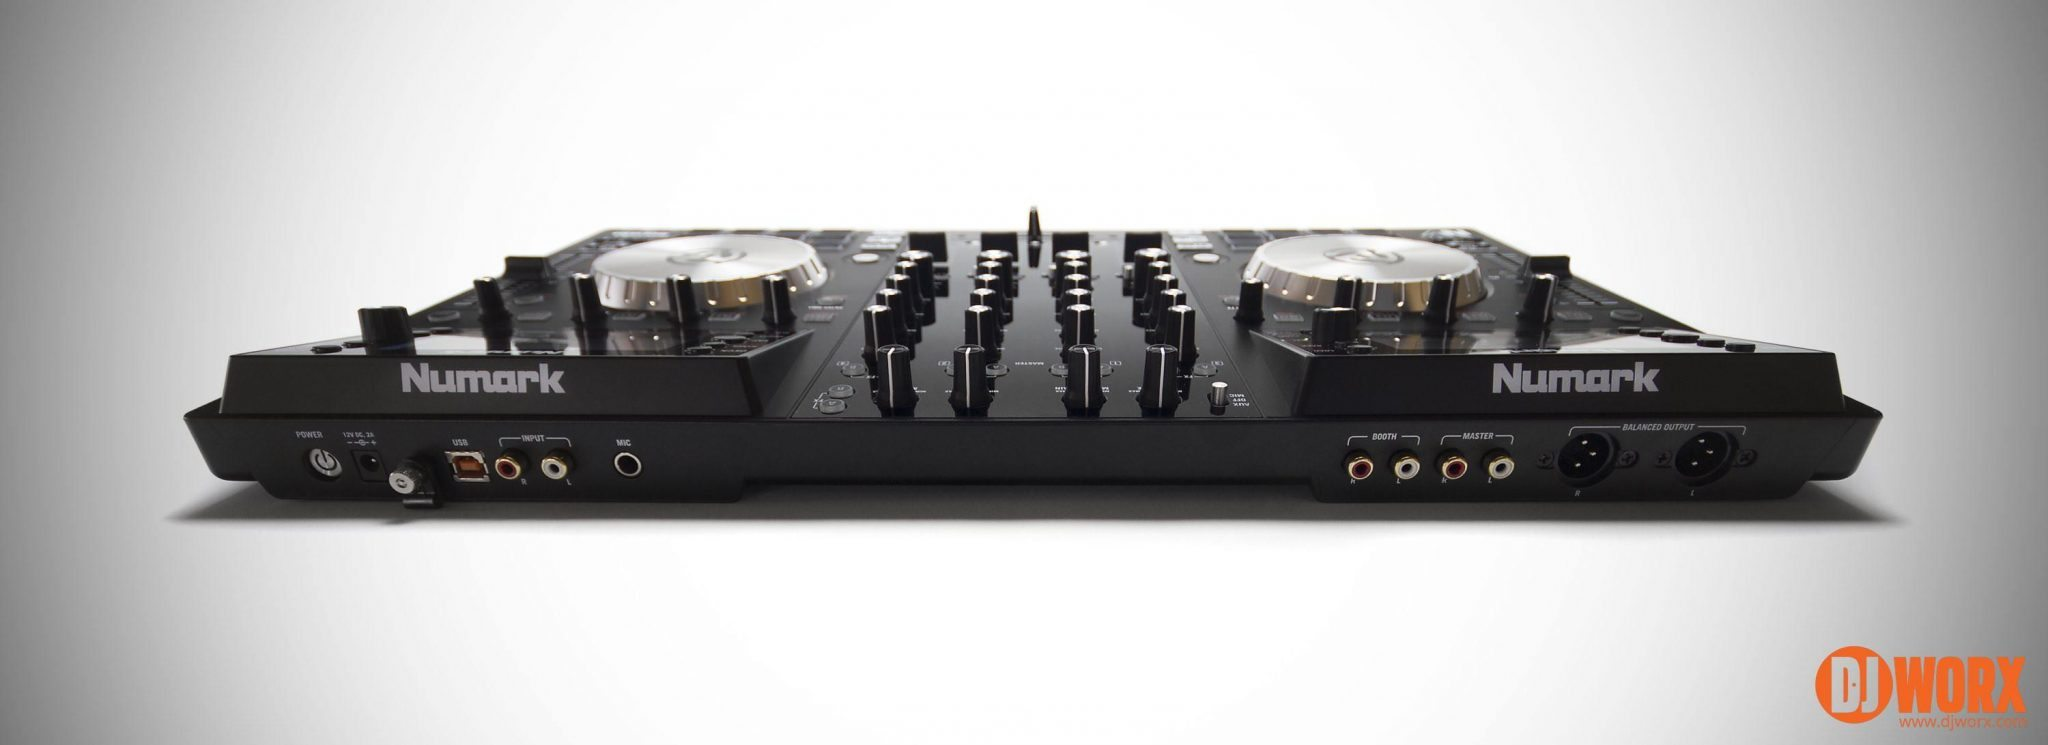 Numark NV Serato DJ controller review (4)